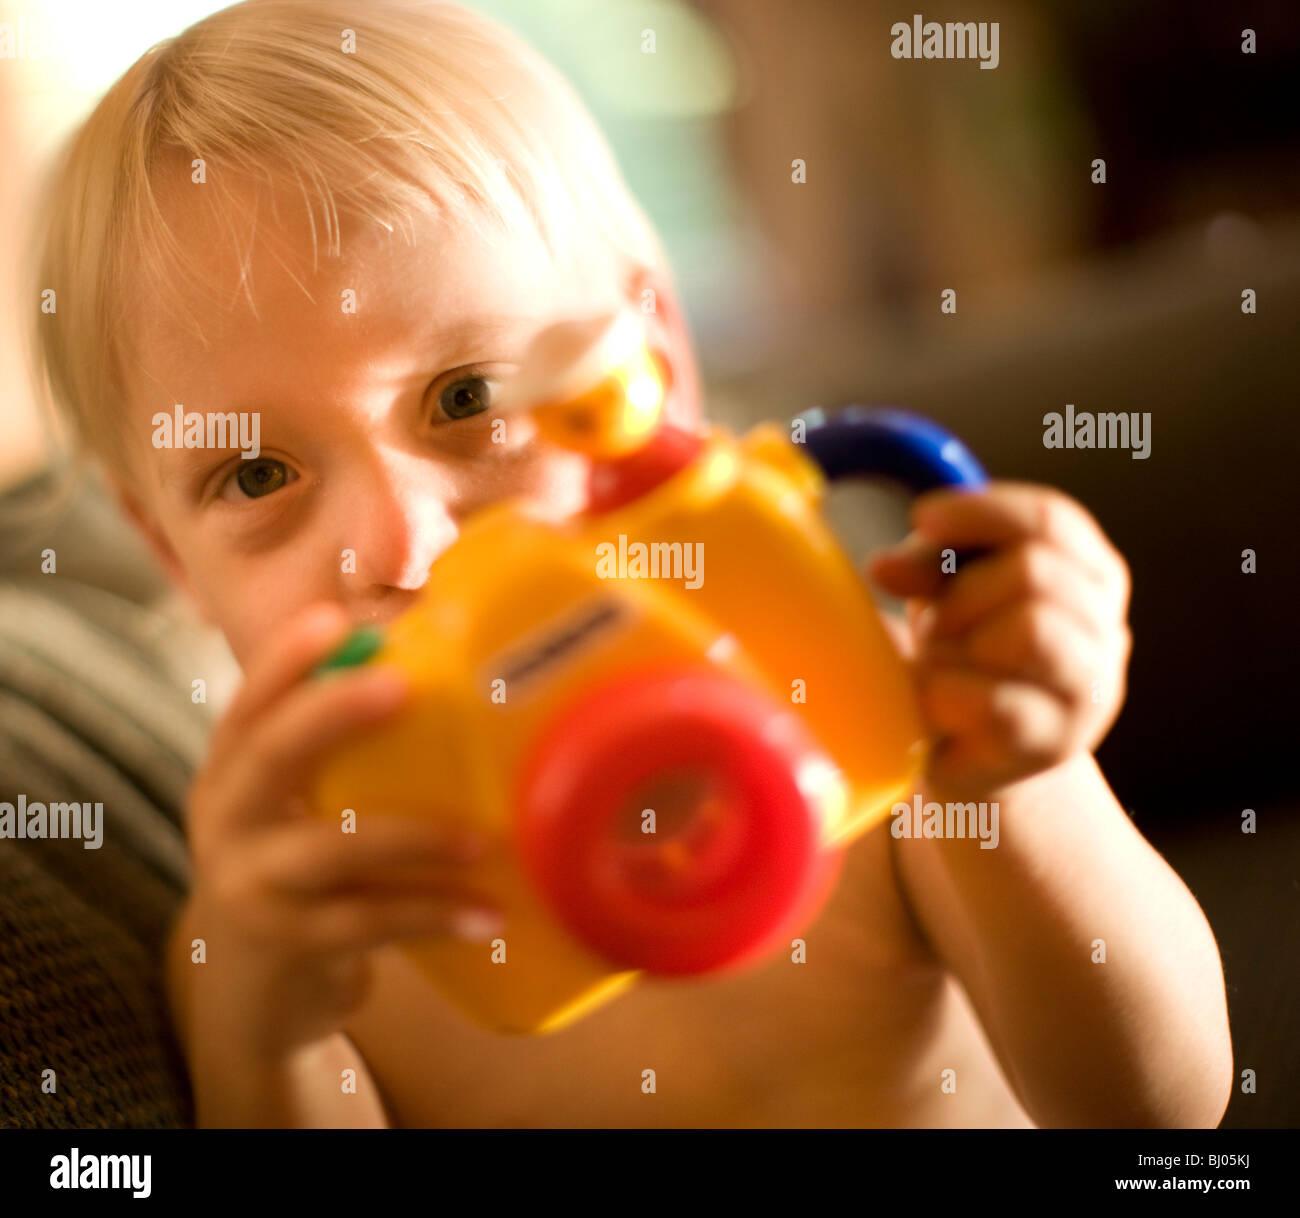 Niño jugando con la cámara de juguete. Imagen De Stock